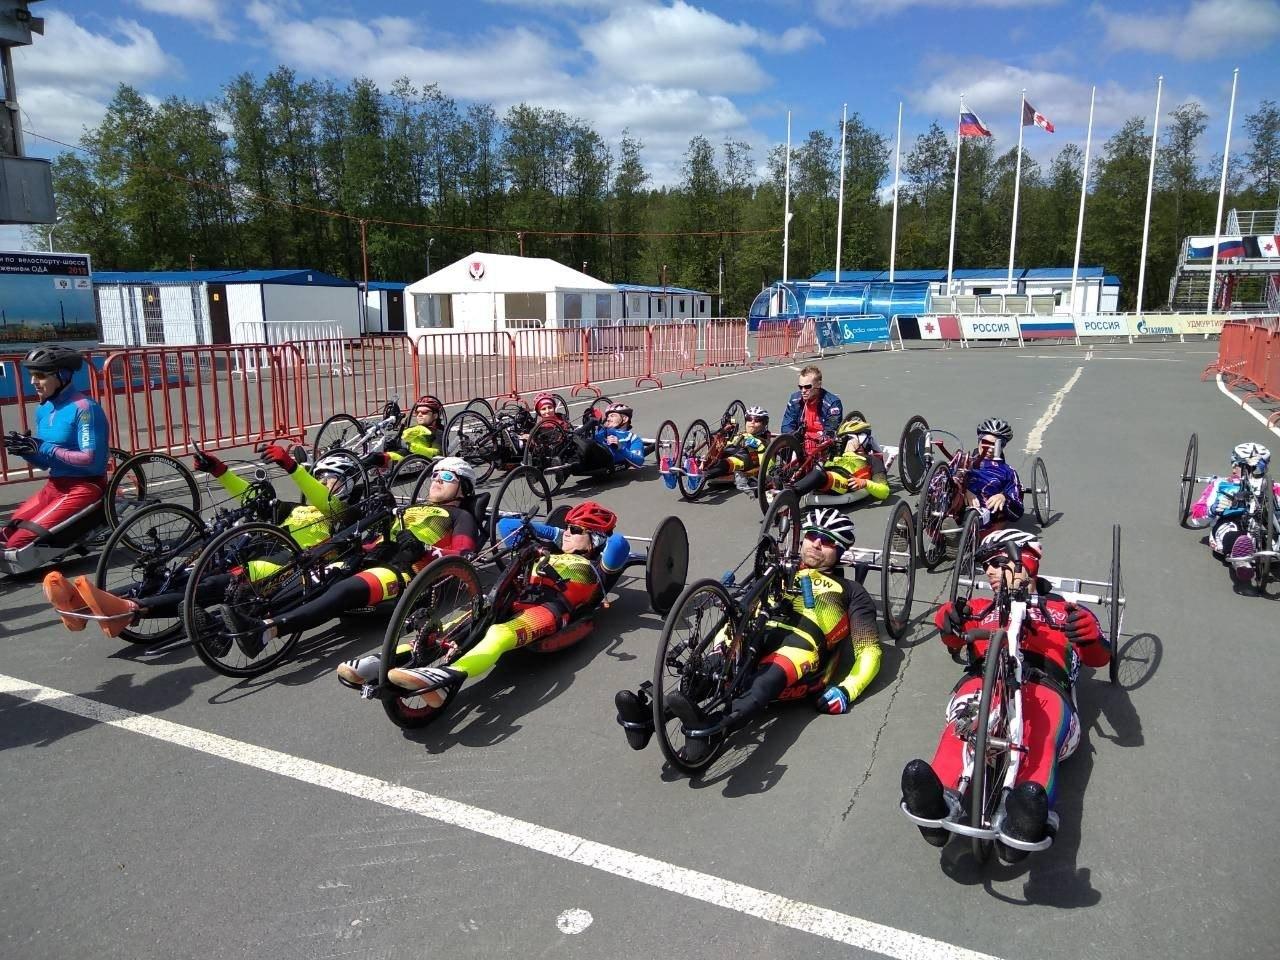 В г. Ижевске (Удмуртская Республика) завершились старты чемпионата России по велоспорту-шоссе среди лиц с поражением опорно-двигательного аппарата.